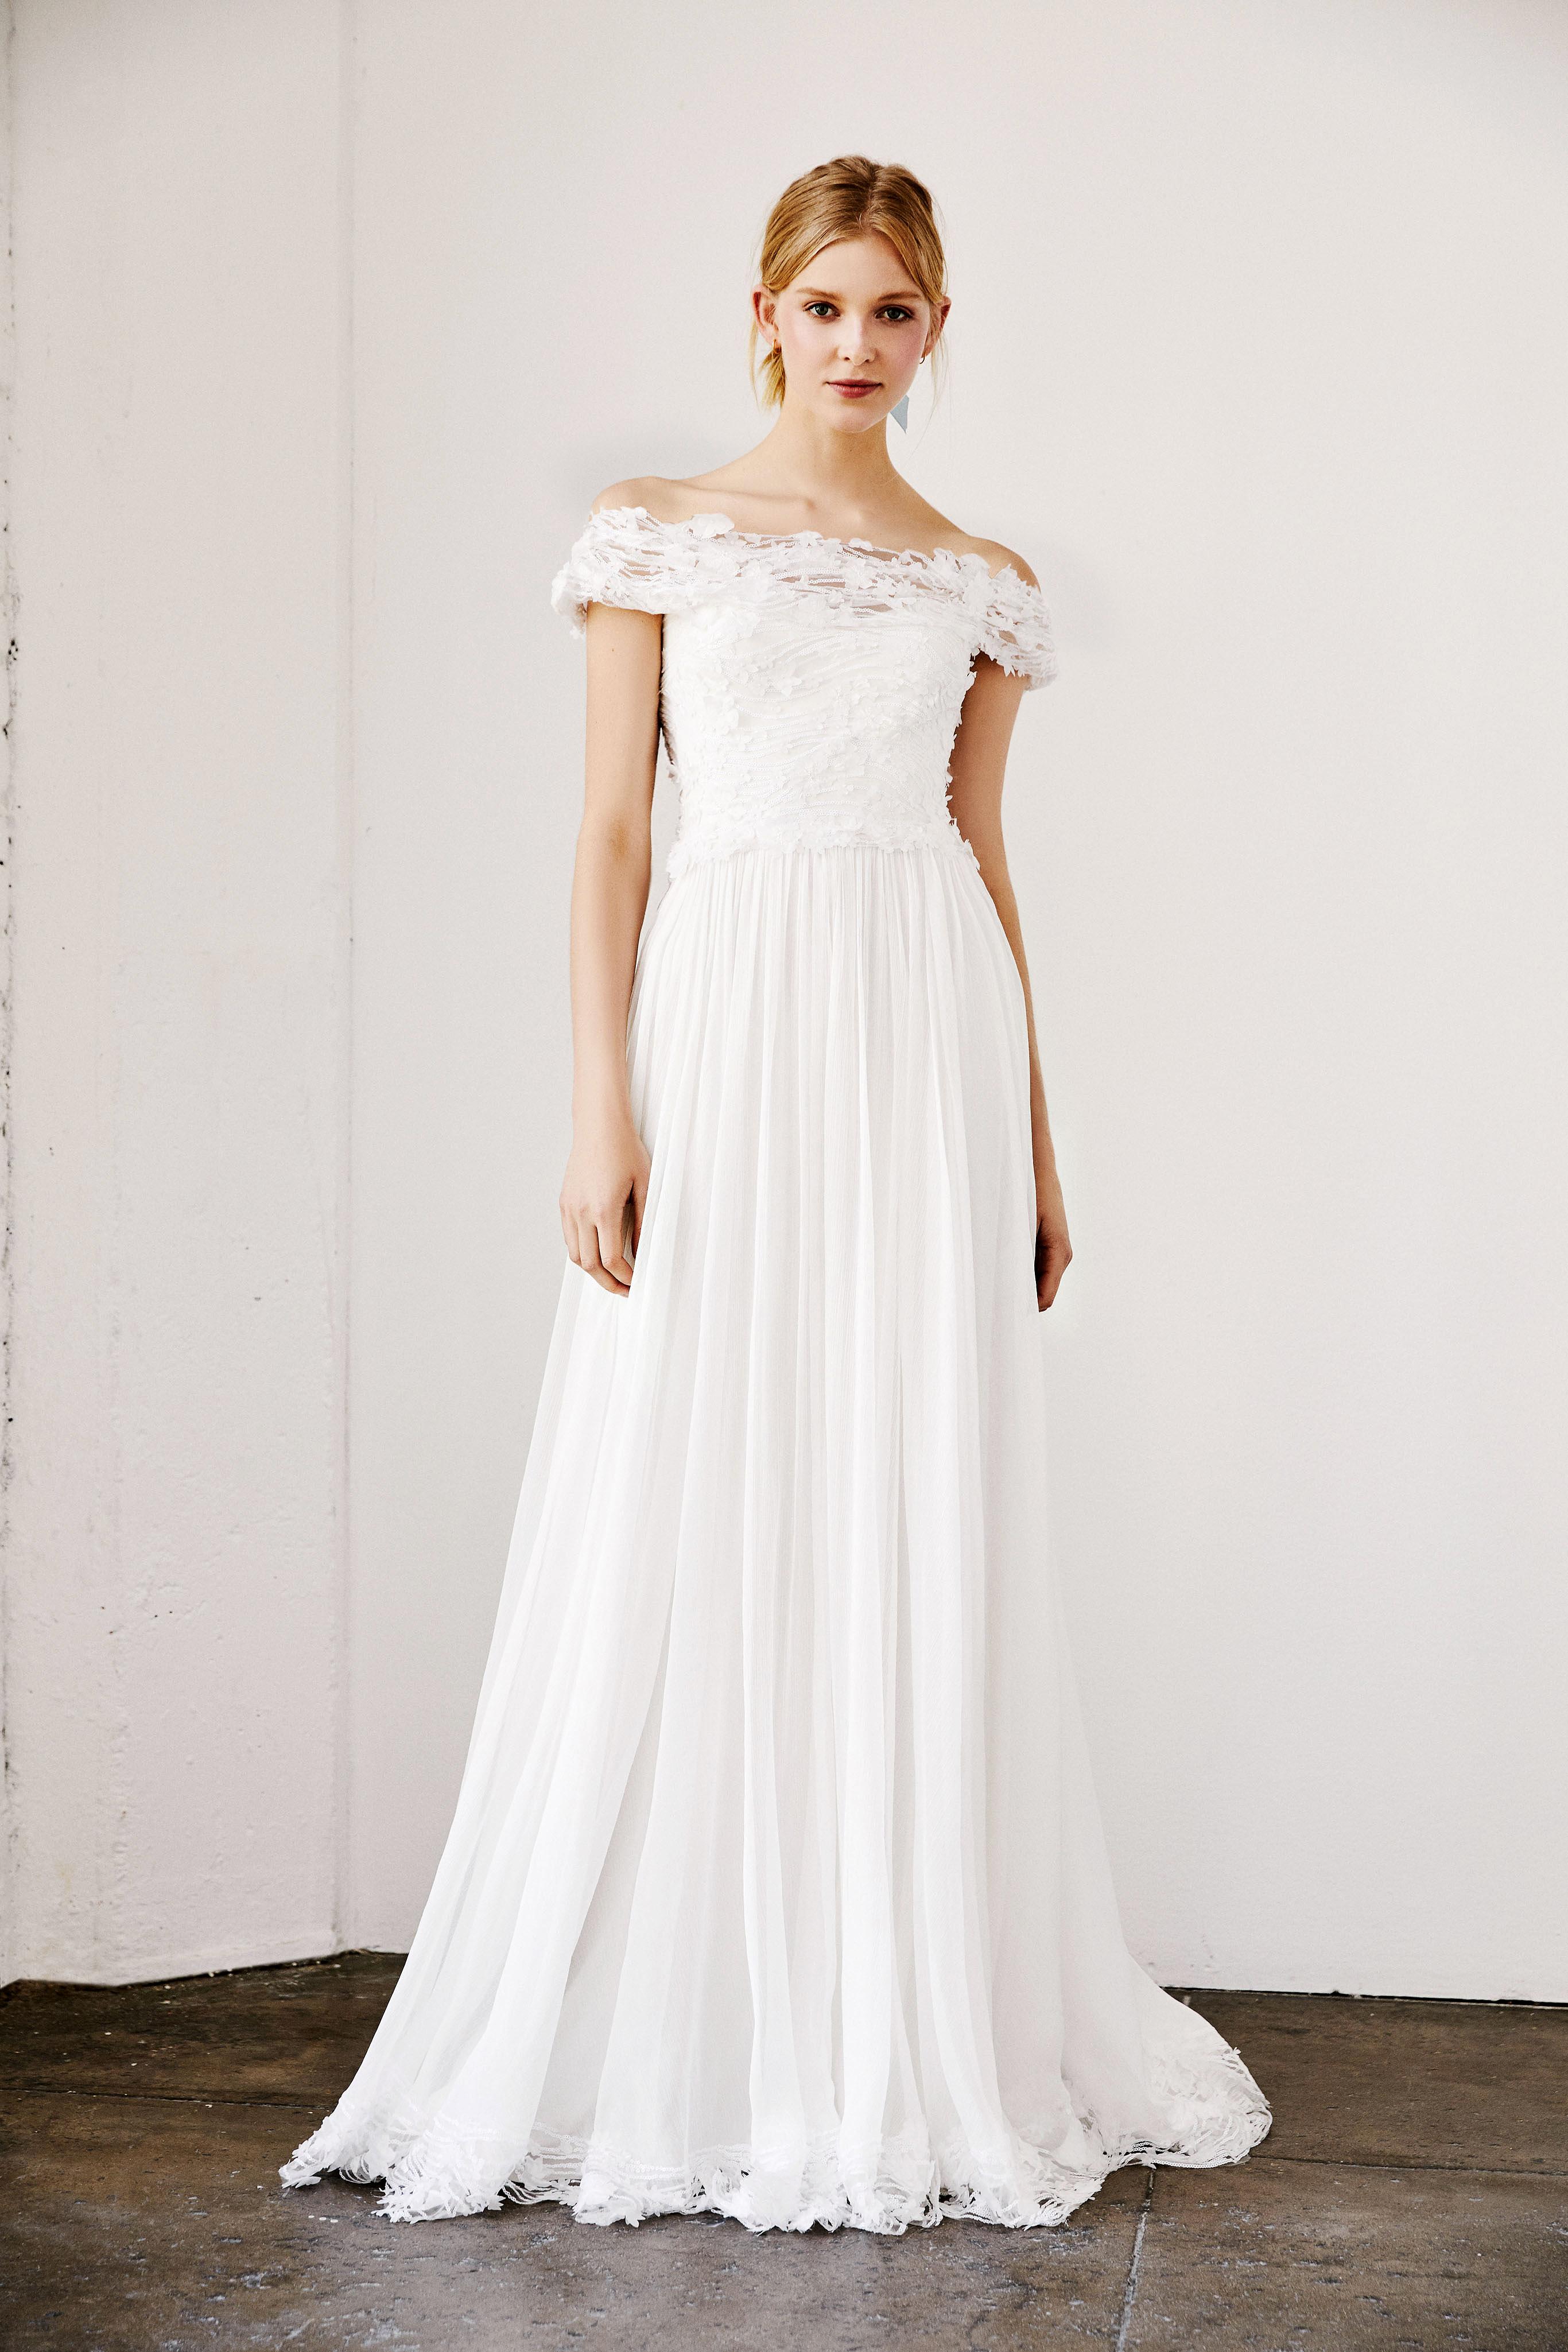 tadashi shoji wedding dress spring 2019 off the shoulder a-line